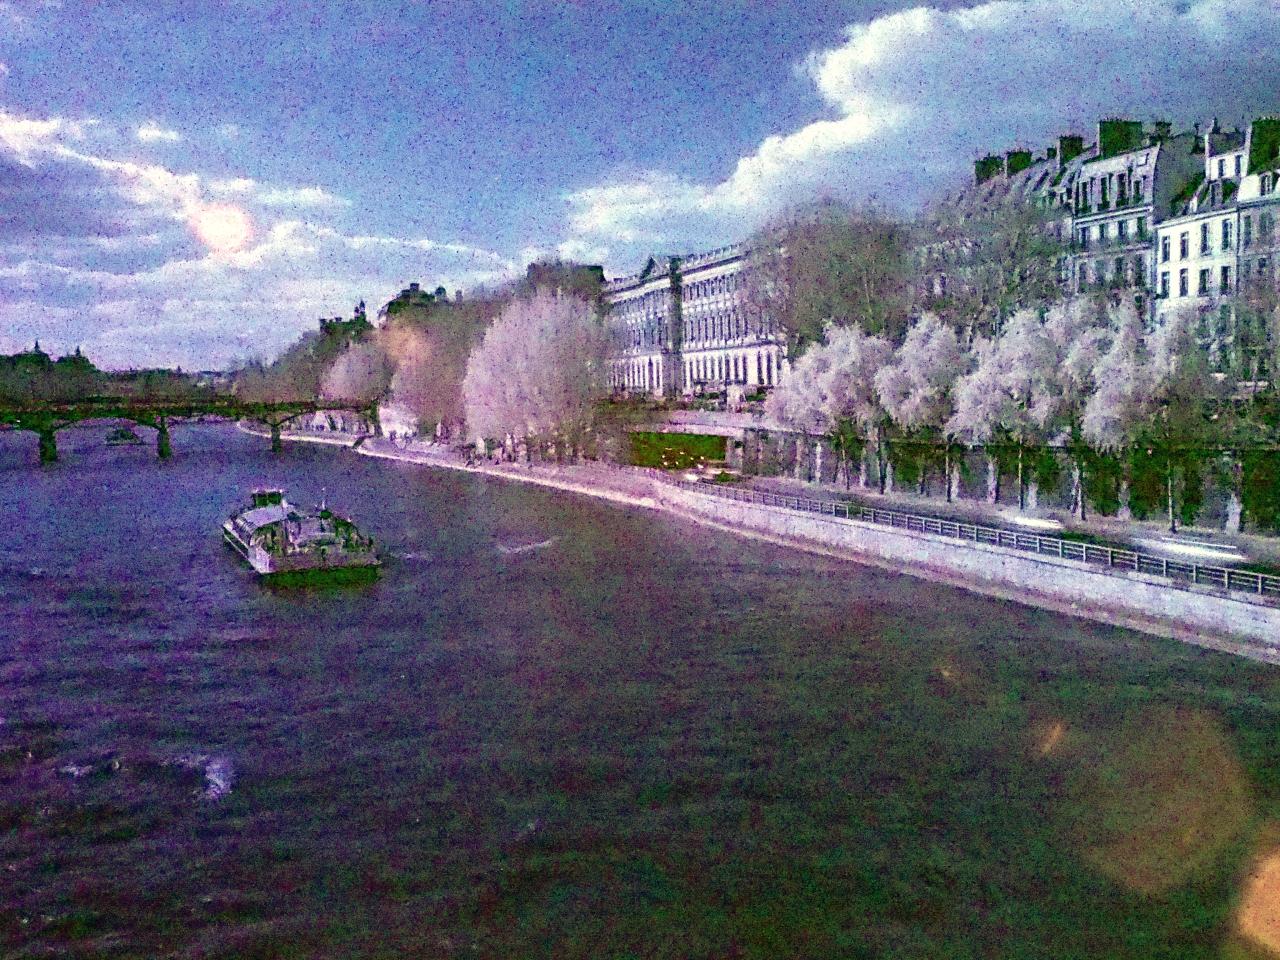 Pont des arts - Olympus OM-D EM-5 - filtre infrarouge heliopan 715